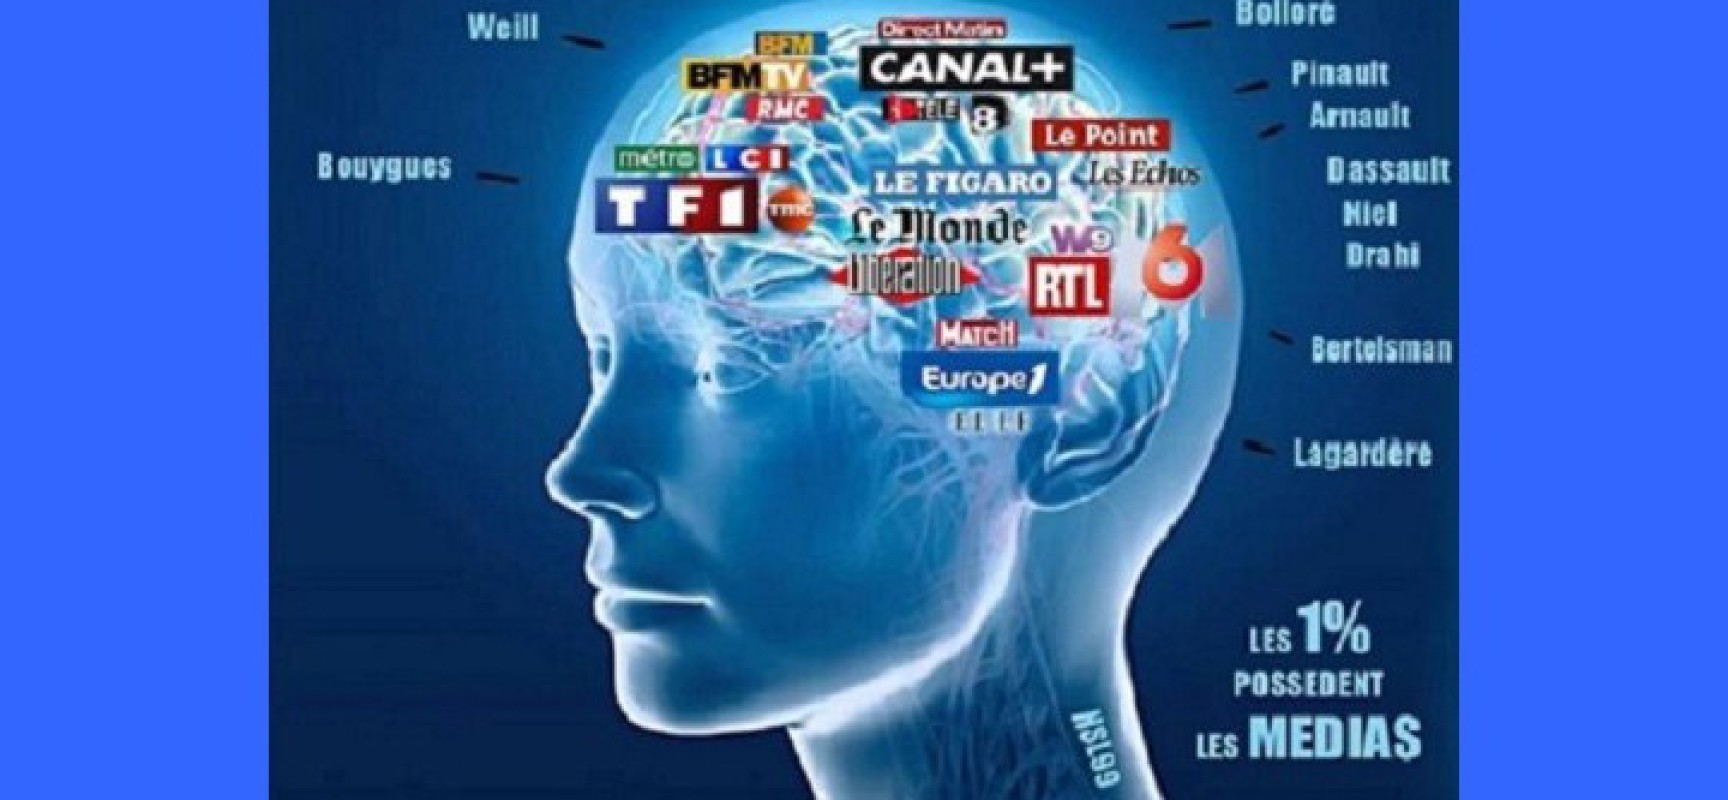 Présidentielle en France : un sentiment d'irréalité